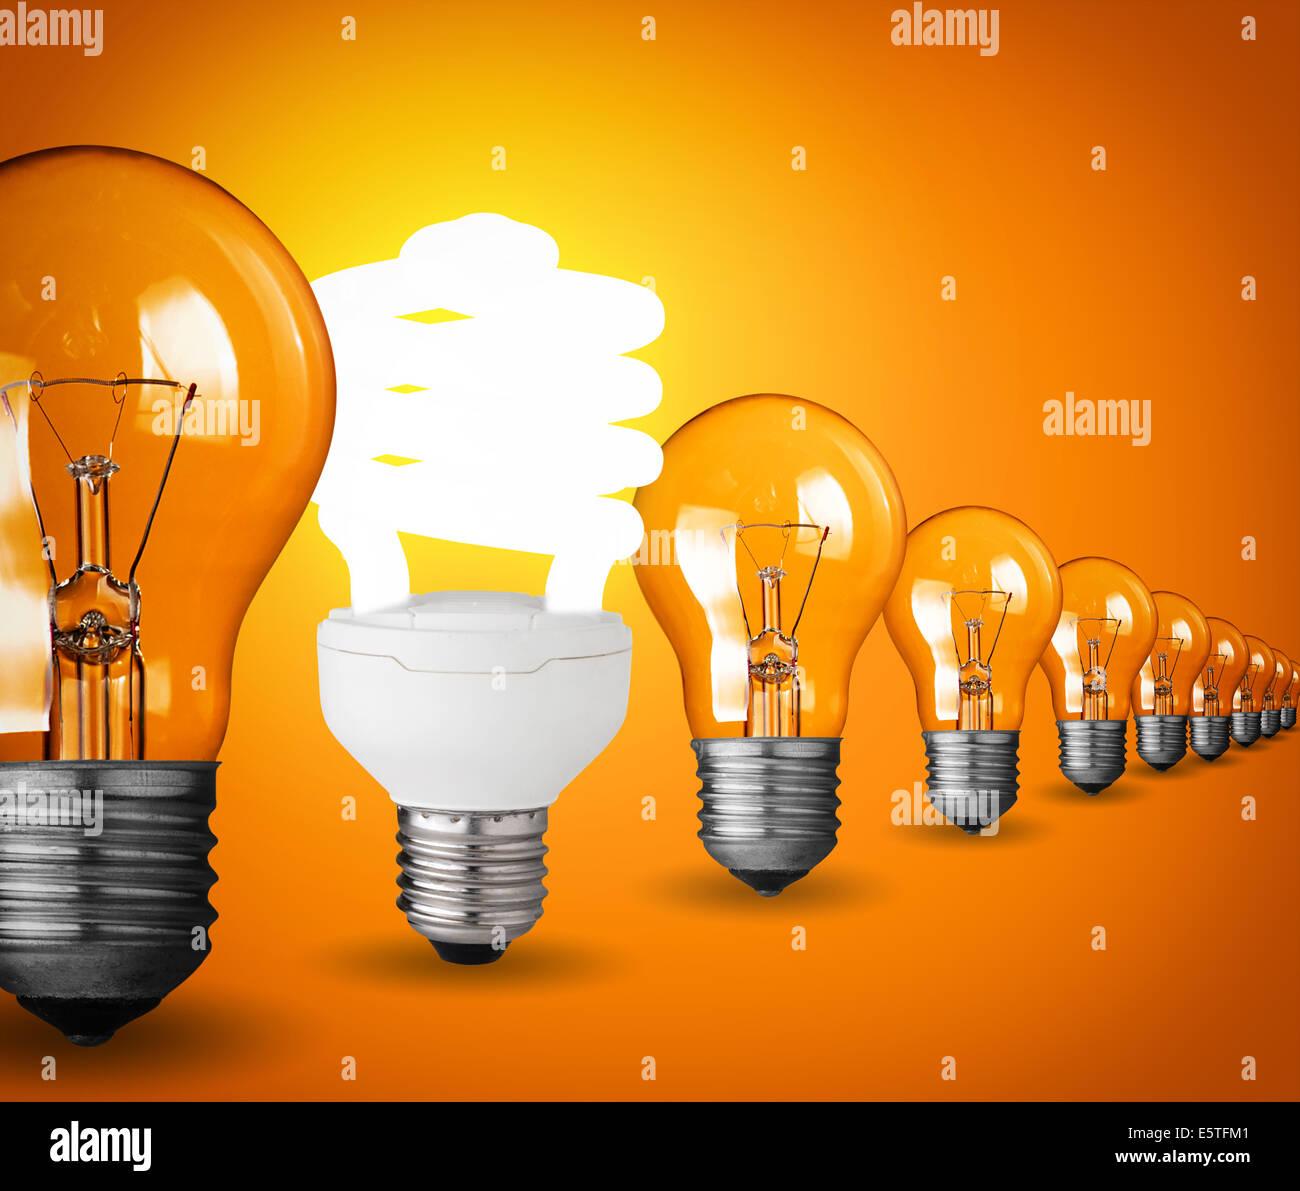 Idee-Konzept mit Glühbirnen auf orangem Hintergrund Stockbild